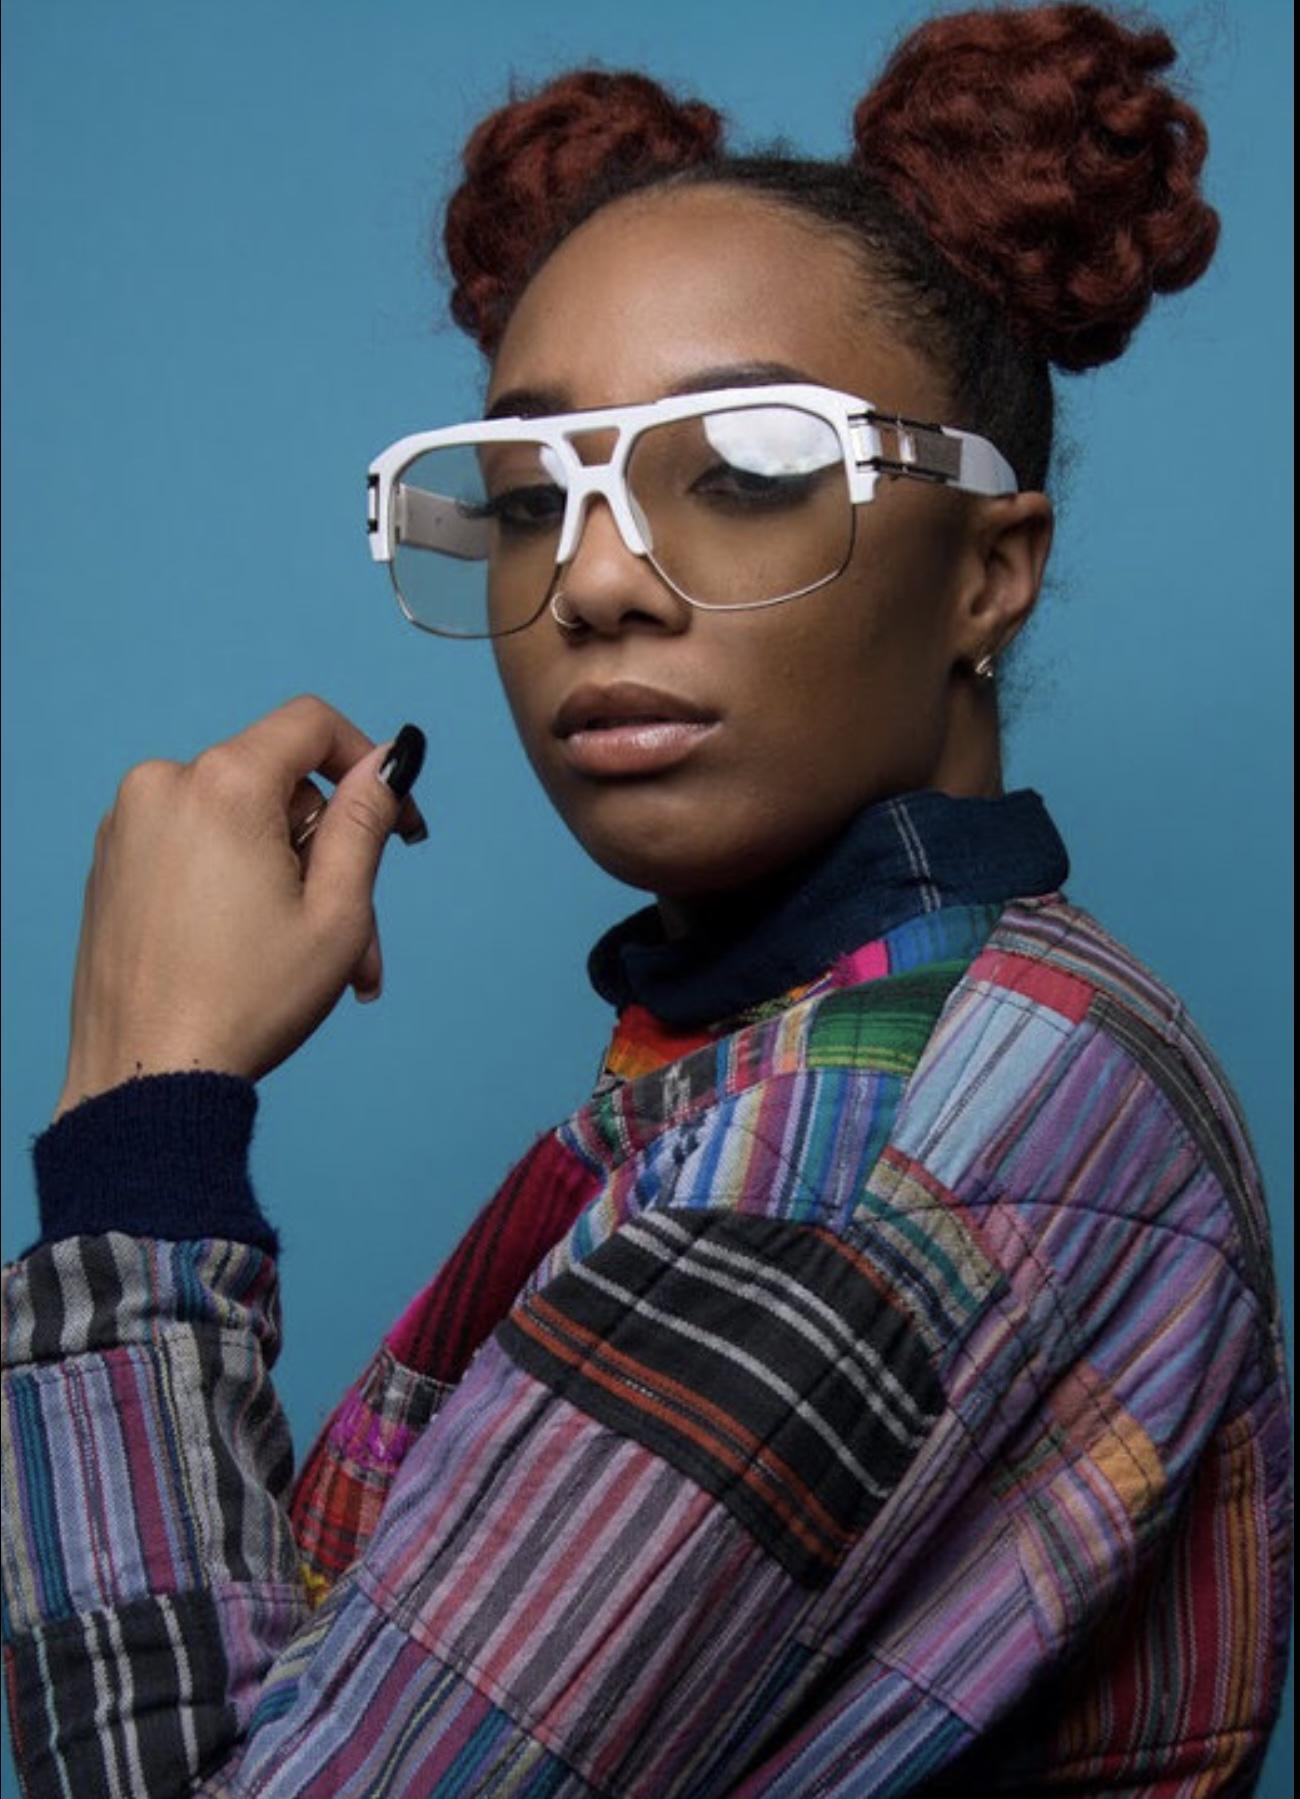 Modele Sktchy - Tajh Garner